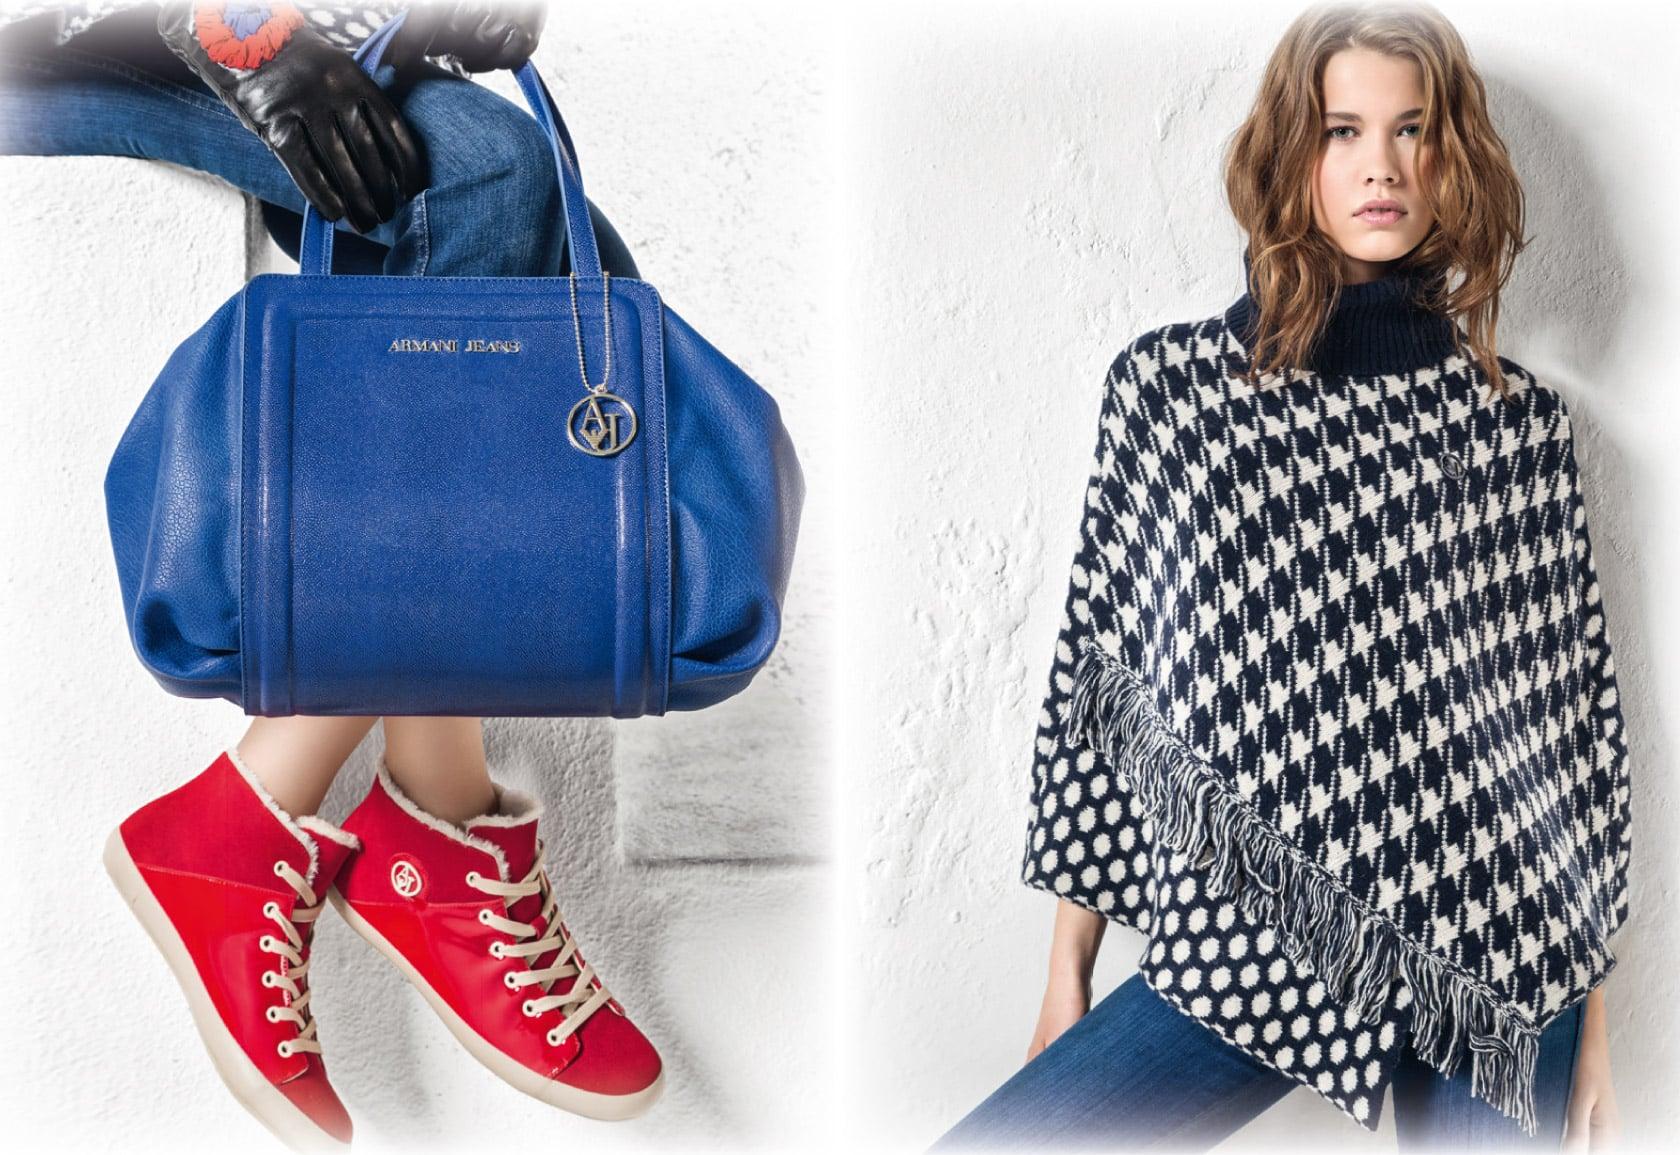 new product 2af68 933d3 Armani Jeans la collezione autunno/inverno 2015-2016